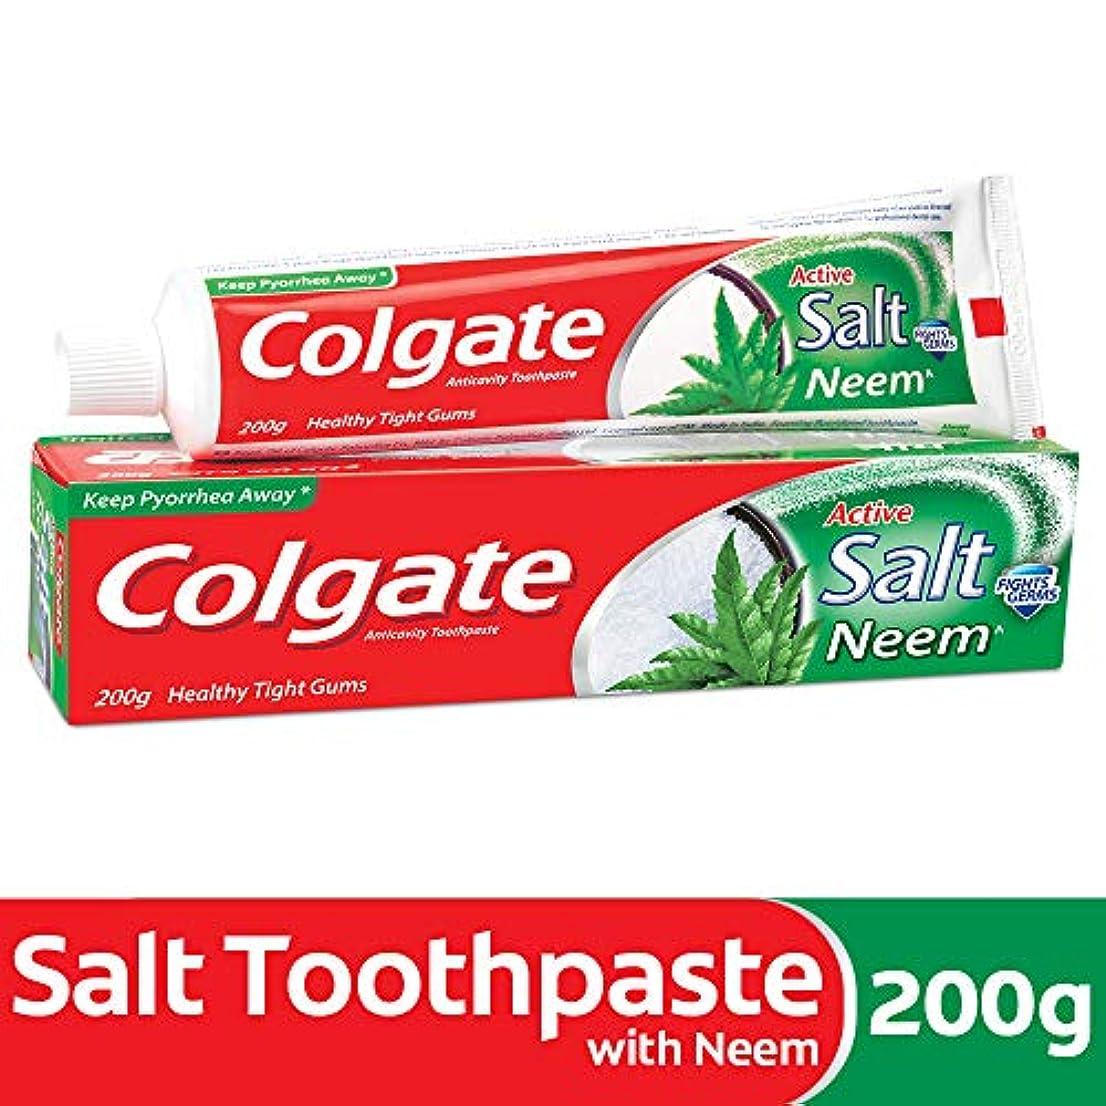 ダイヤモンドキャリア署名Colgate Active Salt Neem Anticavity Toothpaste - 200g